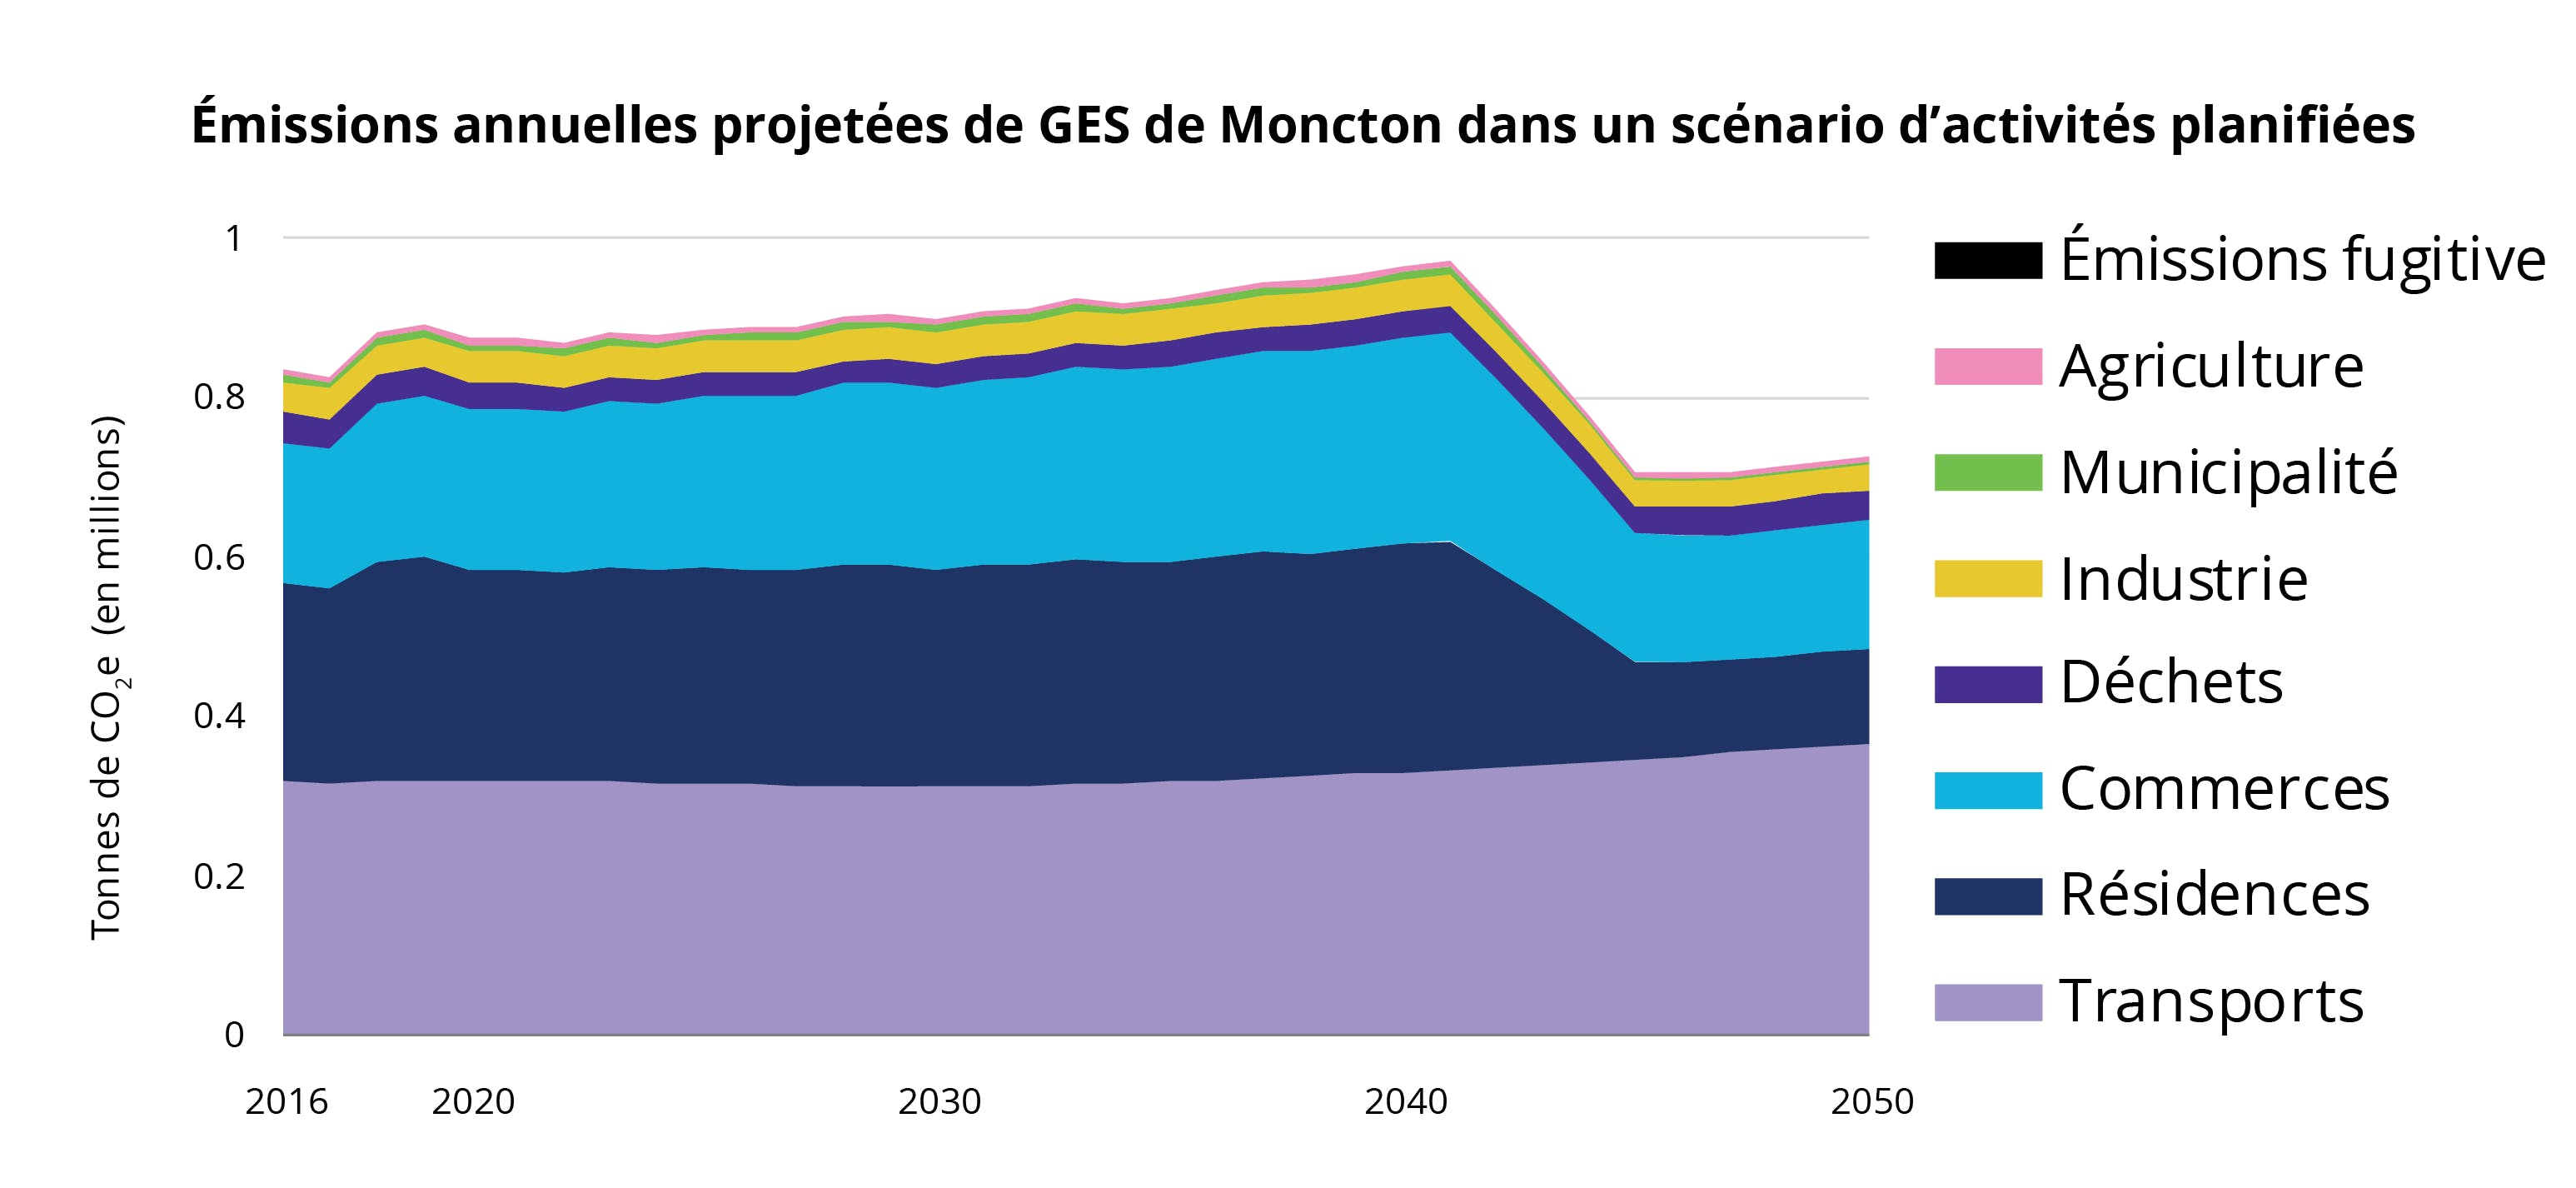 Émissions annuelles projetées de GES de Moncton dans un scénario d'activités planifiés